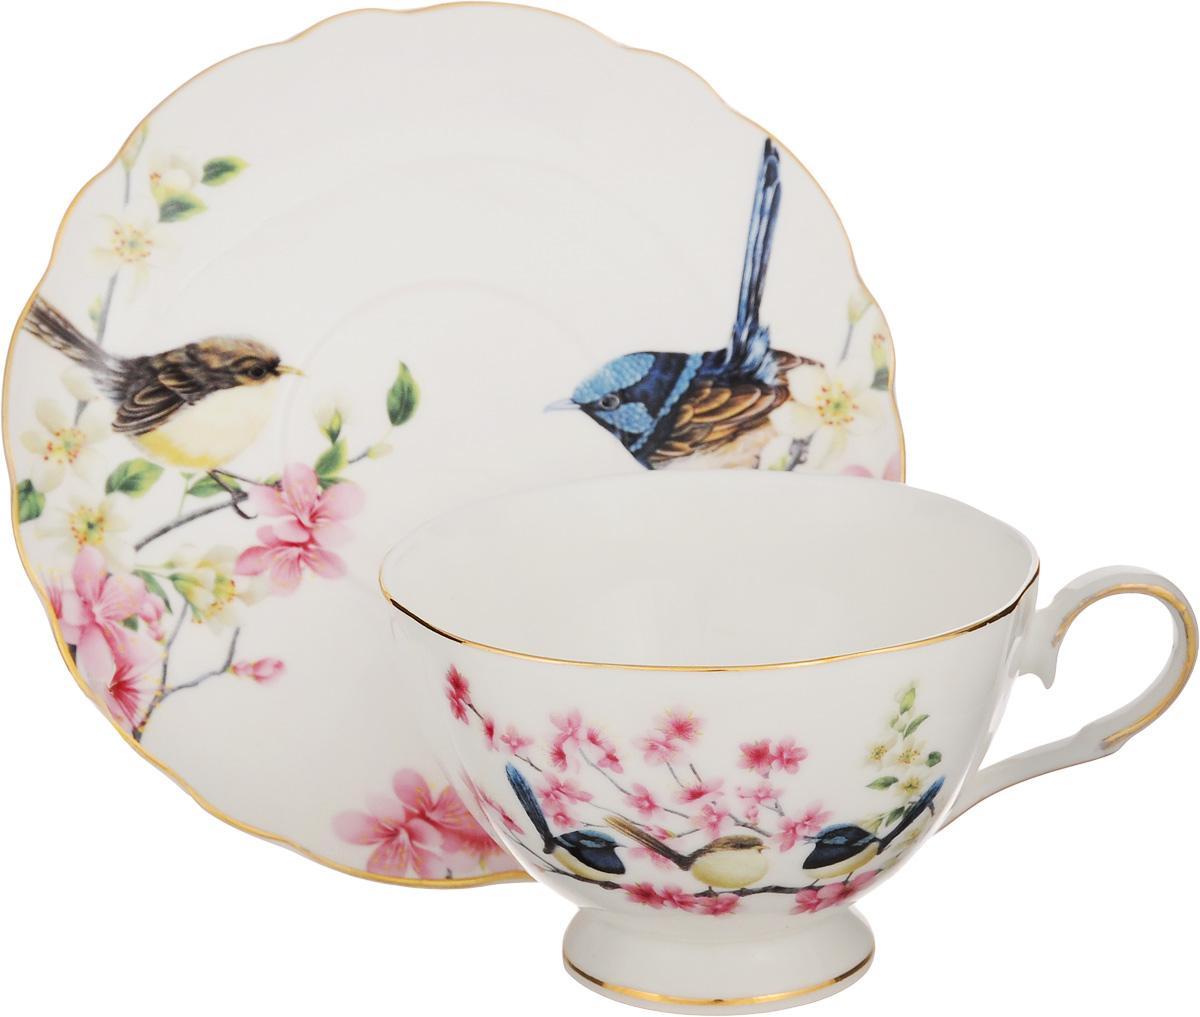 Чайная пара Elan Gallery Райские птички, 2 предмета420023Чайная пара Elan Gallery Райские птички состоит из чашки и блюдца, изготовленных из керамики высшего качества, отличающегося необыкновенной прочностью и небольшим весом. Яркий дизайн, несомненно, придется вам по вкусу. Чайная пара Elan Gallery Райские птички украсит ваш кухонный стол, а также станет замечательным подарком к любому празднику. Не рекомендуется применять абразивные моющие средства. Не использовать в микроволновой печи. Объем чашки: 200 мл. Диаметр чашки (по верхнему краю): 10 см. Высота чашки: 7 см. Диаметр блюдца (по верхнему краю): 15 см. Высота блюдца: 2 см.